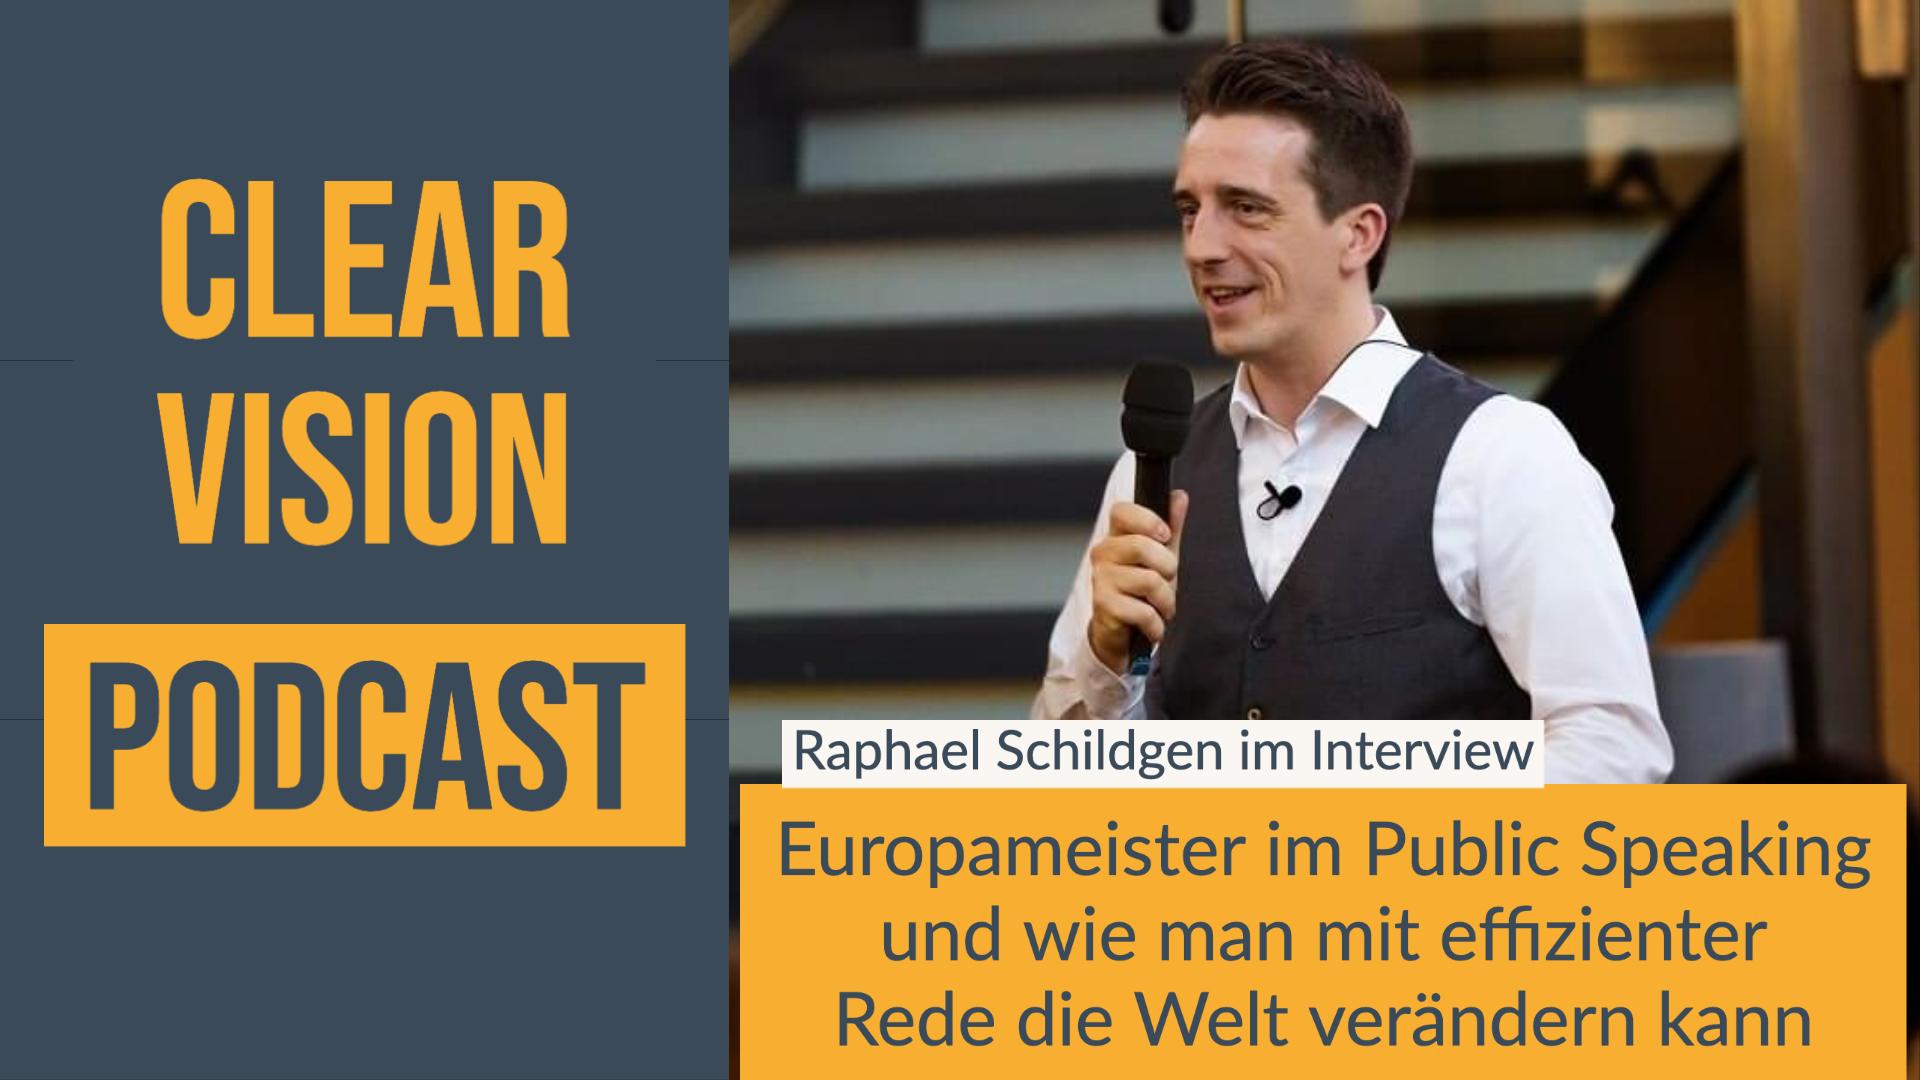 Clearvision Podcast - Europameister im Public Speaking Raphael Schildgen